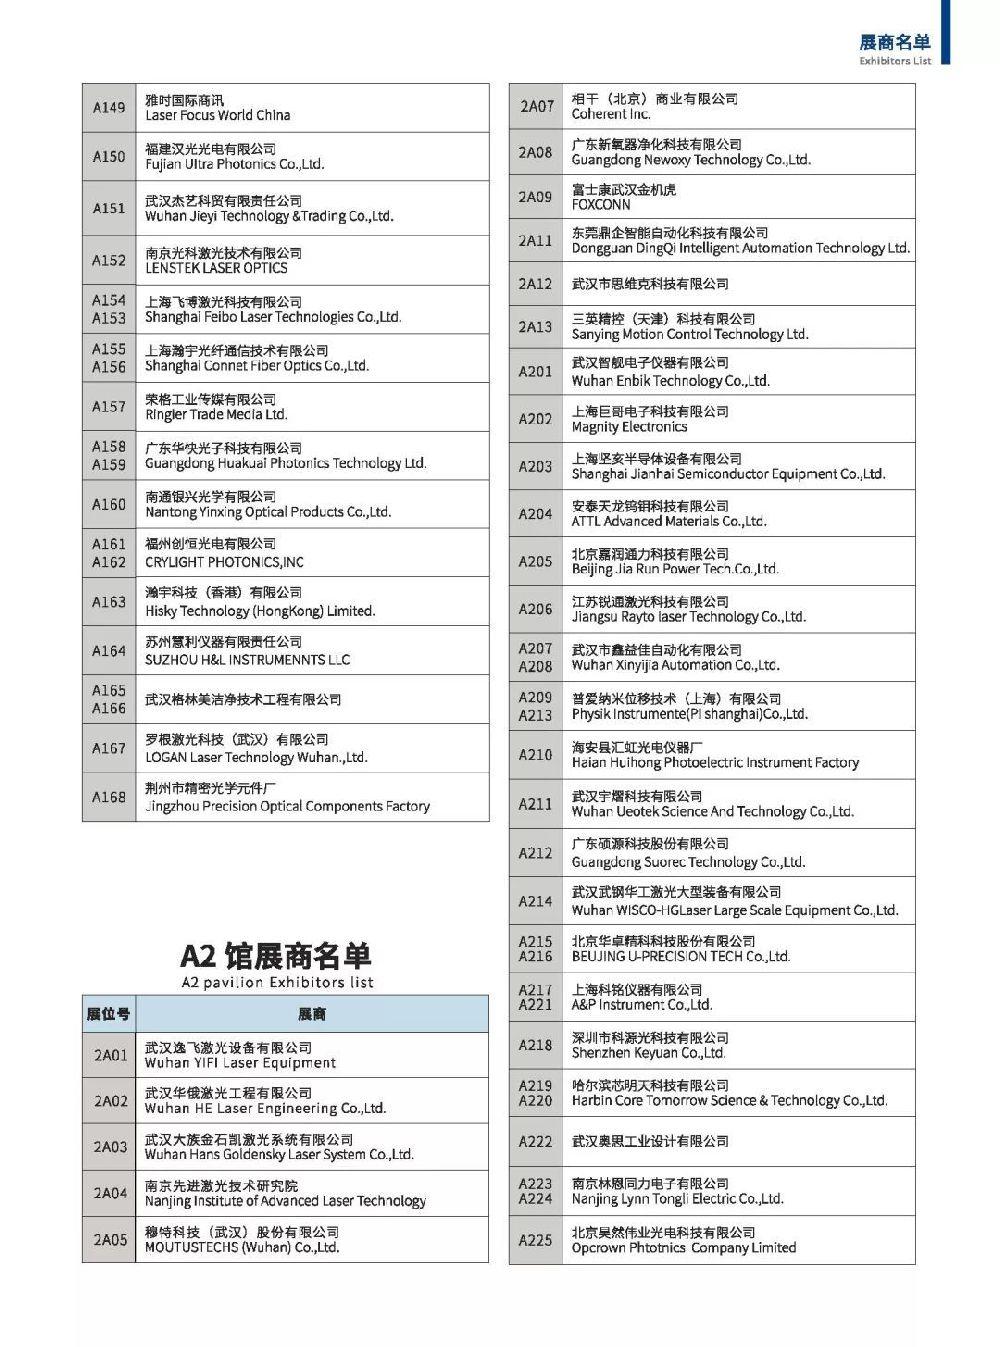 2018武汉光博会参展商名单